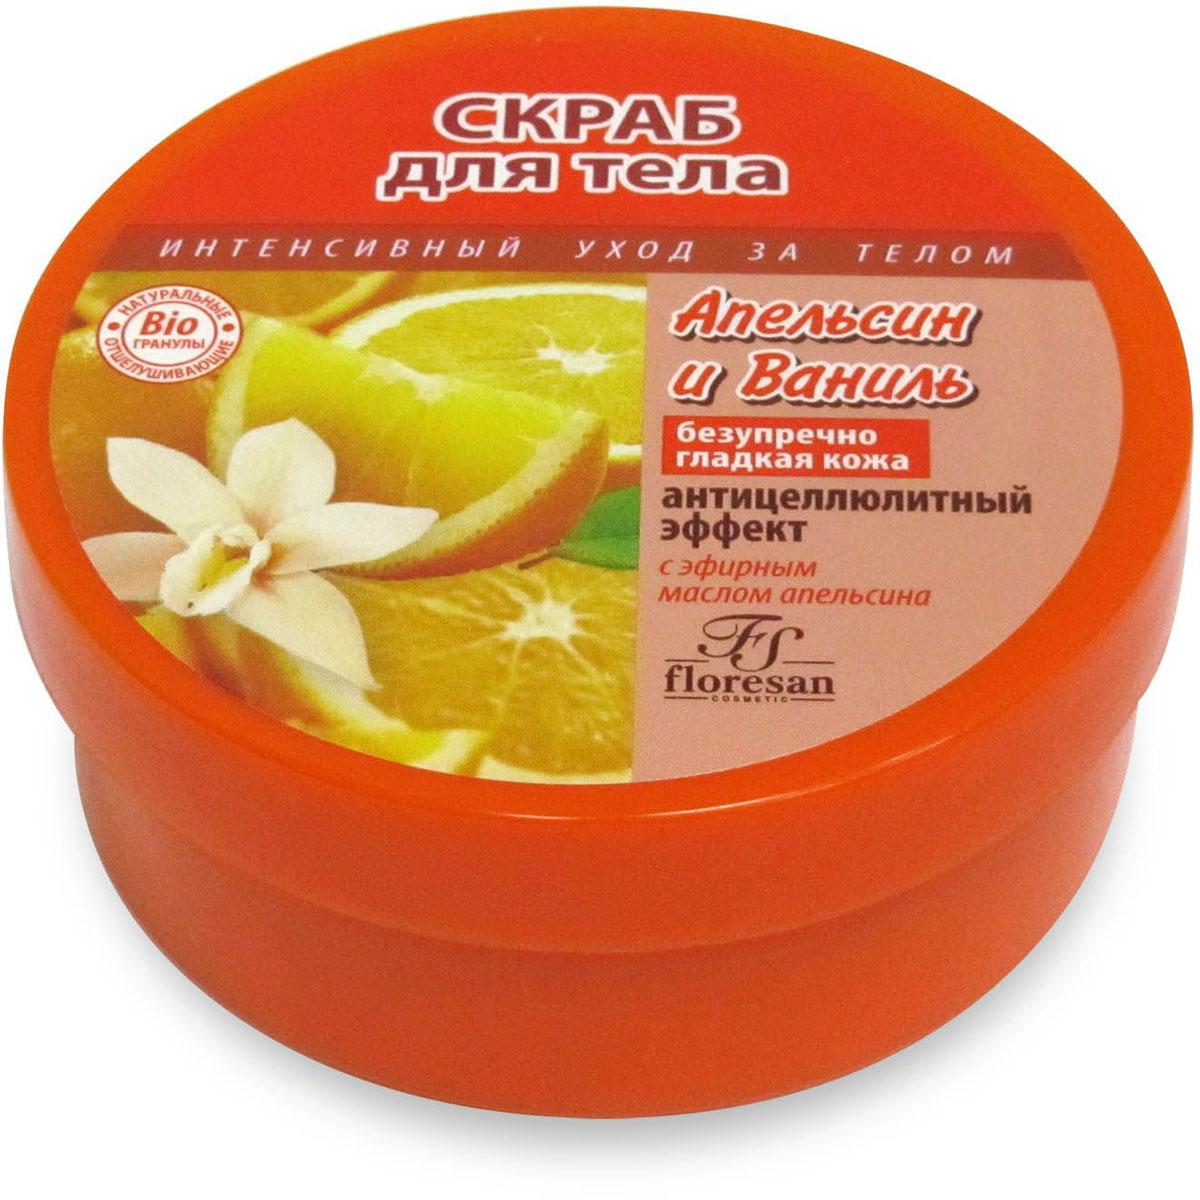 Floresan Скраб для тела Апельсин и ваниль, 200 мл66-Ф-246Floresan Скраб для тела Апельсин и Ваниль 200 мл с манящей текстурой и изысканным ароматом создан специально для интенсивного ухода за вашей кожей. Входящие в состав скраба натуральные био-гранулы, которые выступают в качестве пилинга, нежно массажируют и очищают кожу, делают ее мягкой и гладкой, стимулируют кровообращение и улучшают доступ кислорода к клеткам.Скраб является уникальным био-активным комплексом, который способствует выводу токсинов из организма, улучшает тонус кожи и выравнивает контуры силуэта.Органический экстракты апельсина и ванили заботятся о вашей коже, увлажняя и питая ее, оставляя шлейф изысканного аромата. Интенсивный уход за телом, натуральные отшелушивающие bio-гранулы, безупречно гладкая кожа, антицеллюлитный эффект.